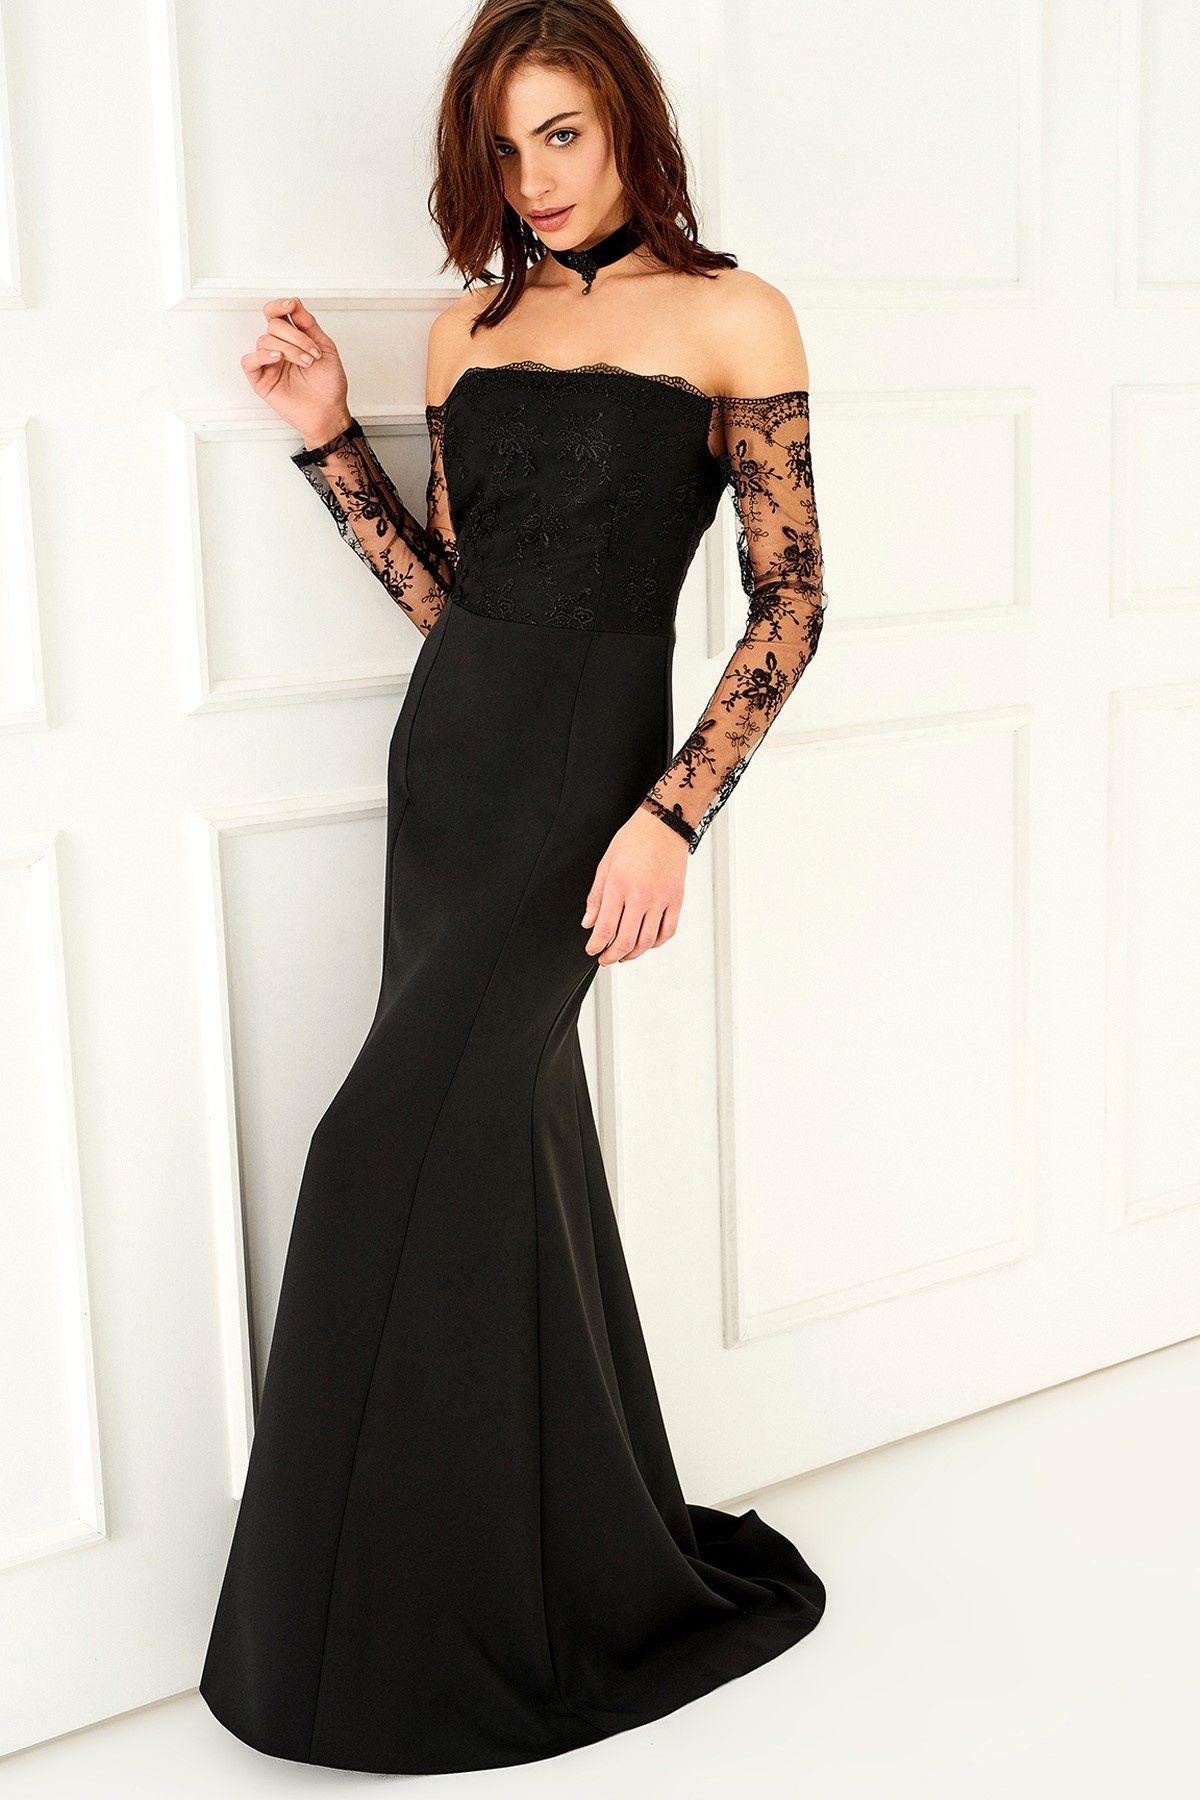 Siyah Carmen Yaka Elbise Trendyolmilla Trendyol Moda Stilleri Elbise Modelleri Elbise